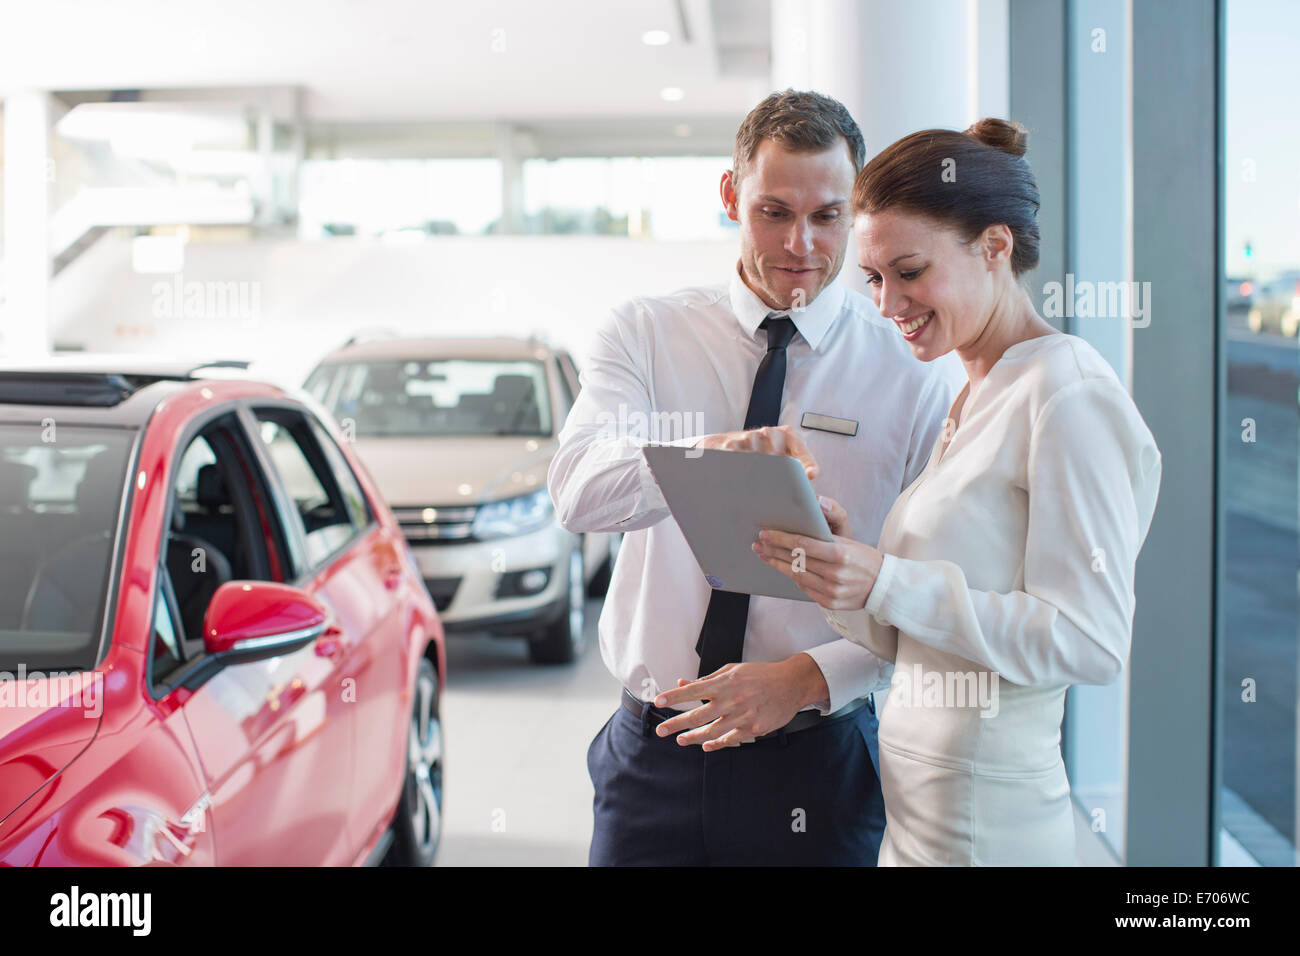 El vendedor y el cliente femenino mediante digital comprimido en concesionario de coches Imagen De Stock